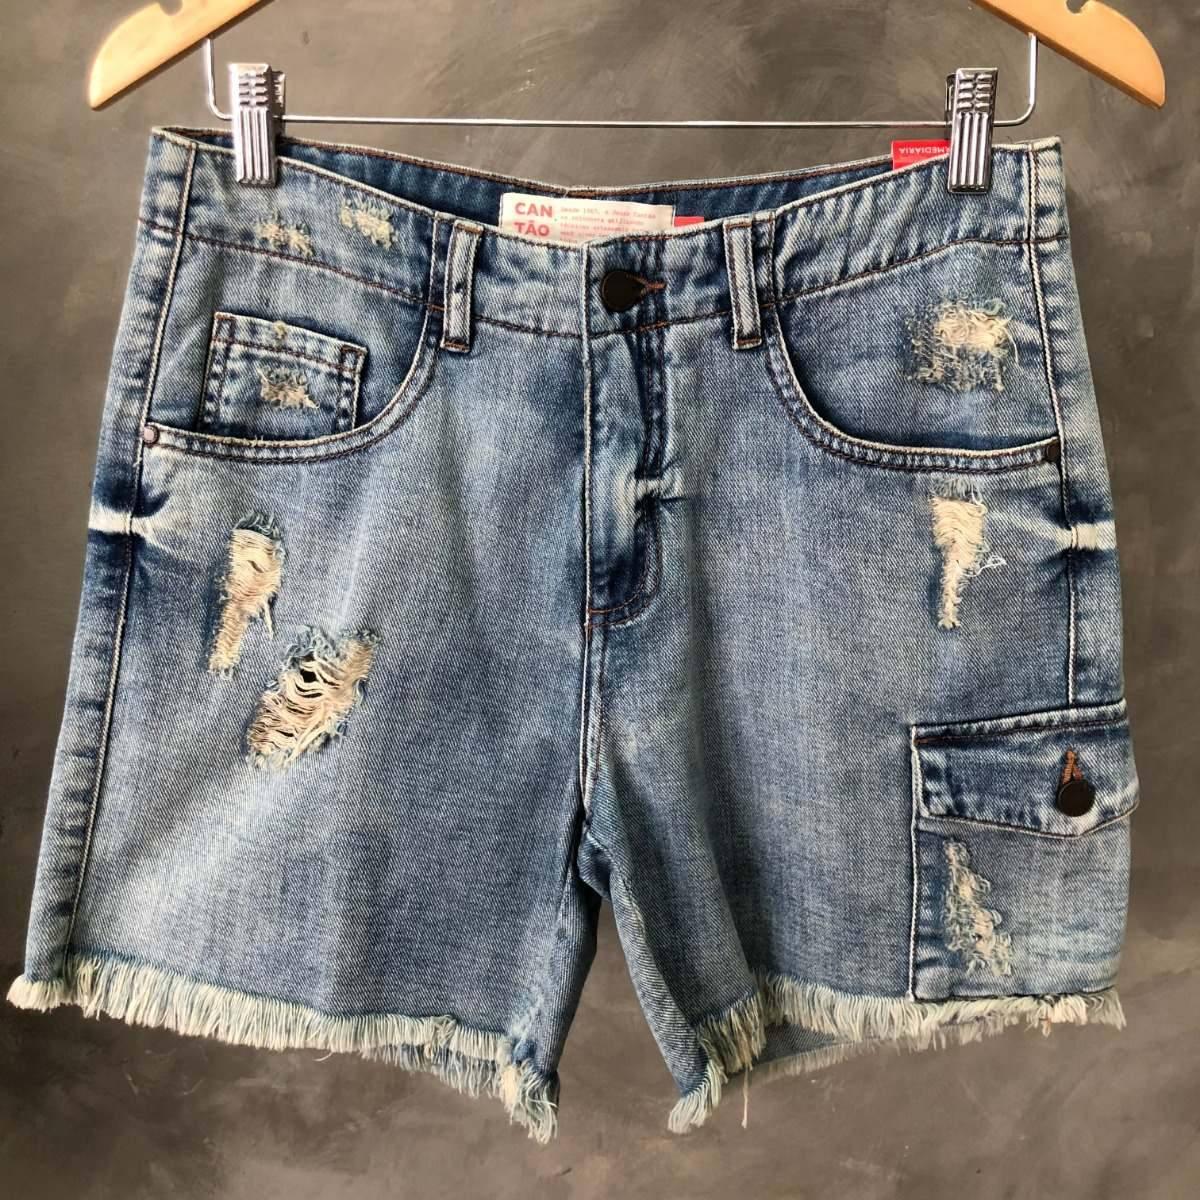 e13bc6bc0 Shorts Feminino Cantão Jeans Destroyed Oferta 009 - R$ 229,00 em ...